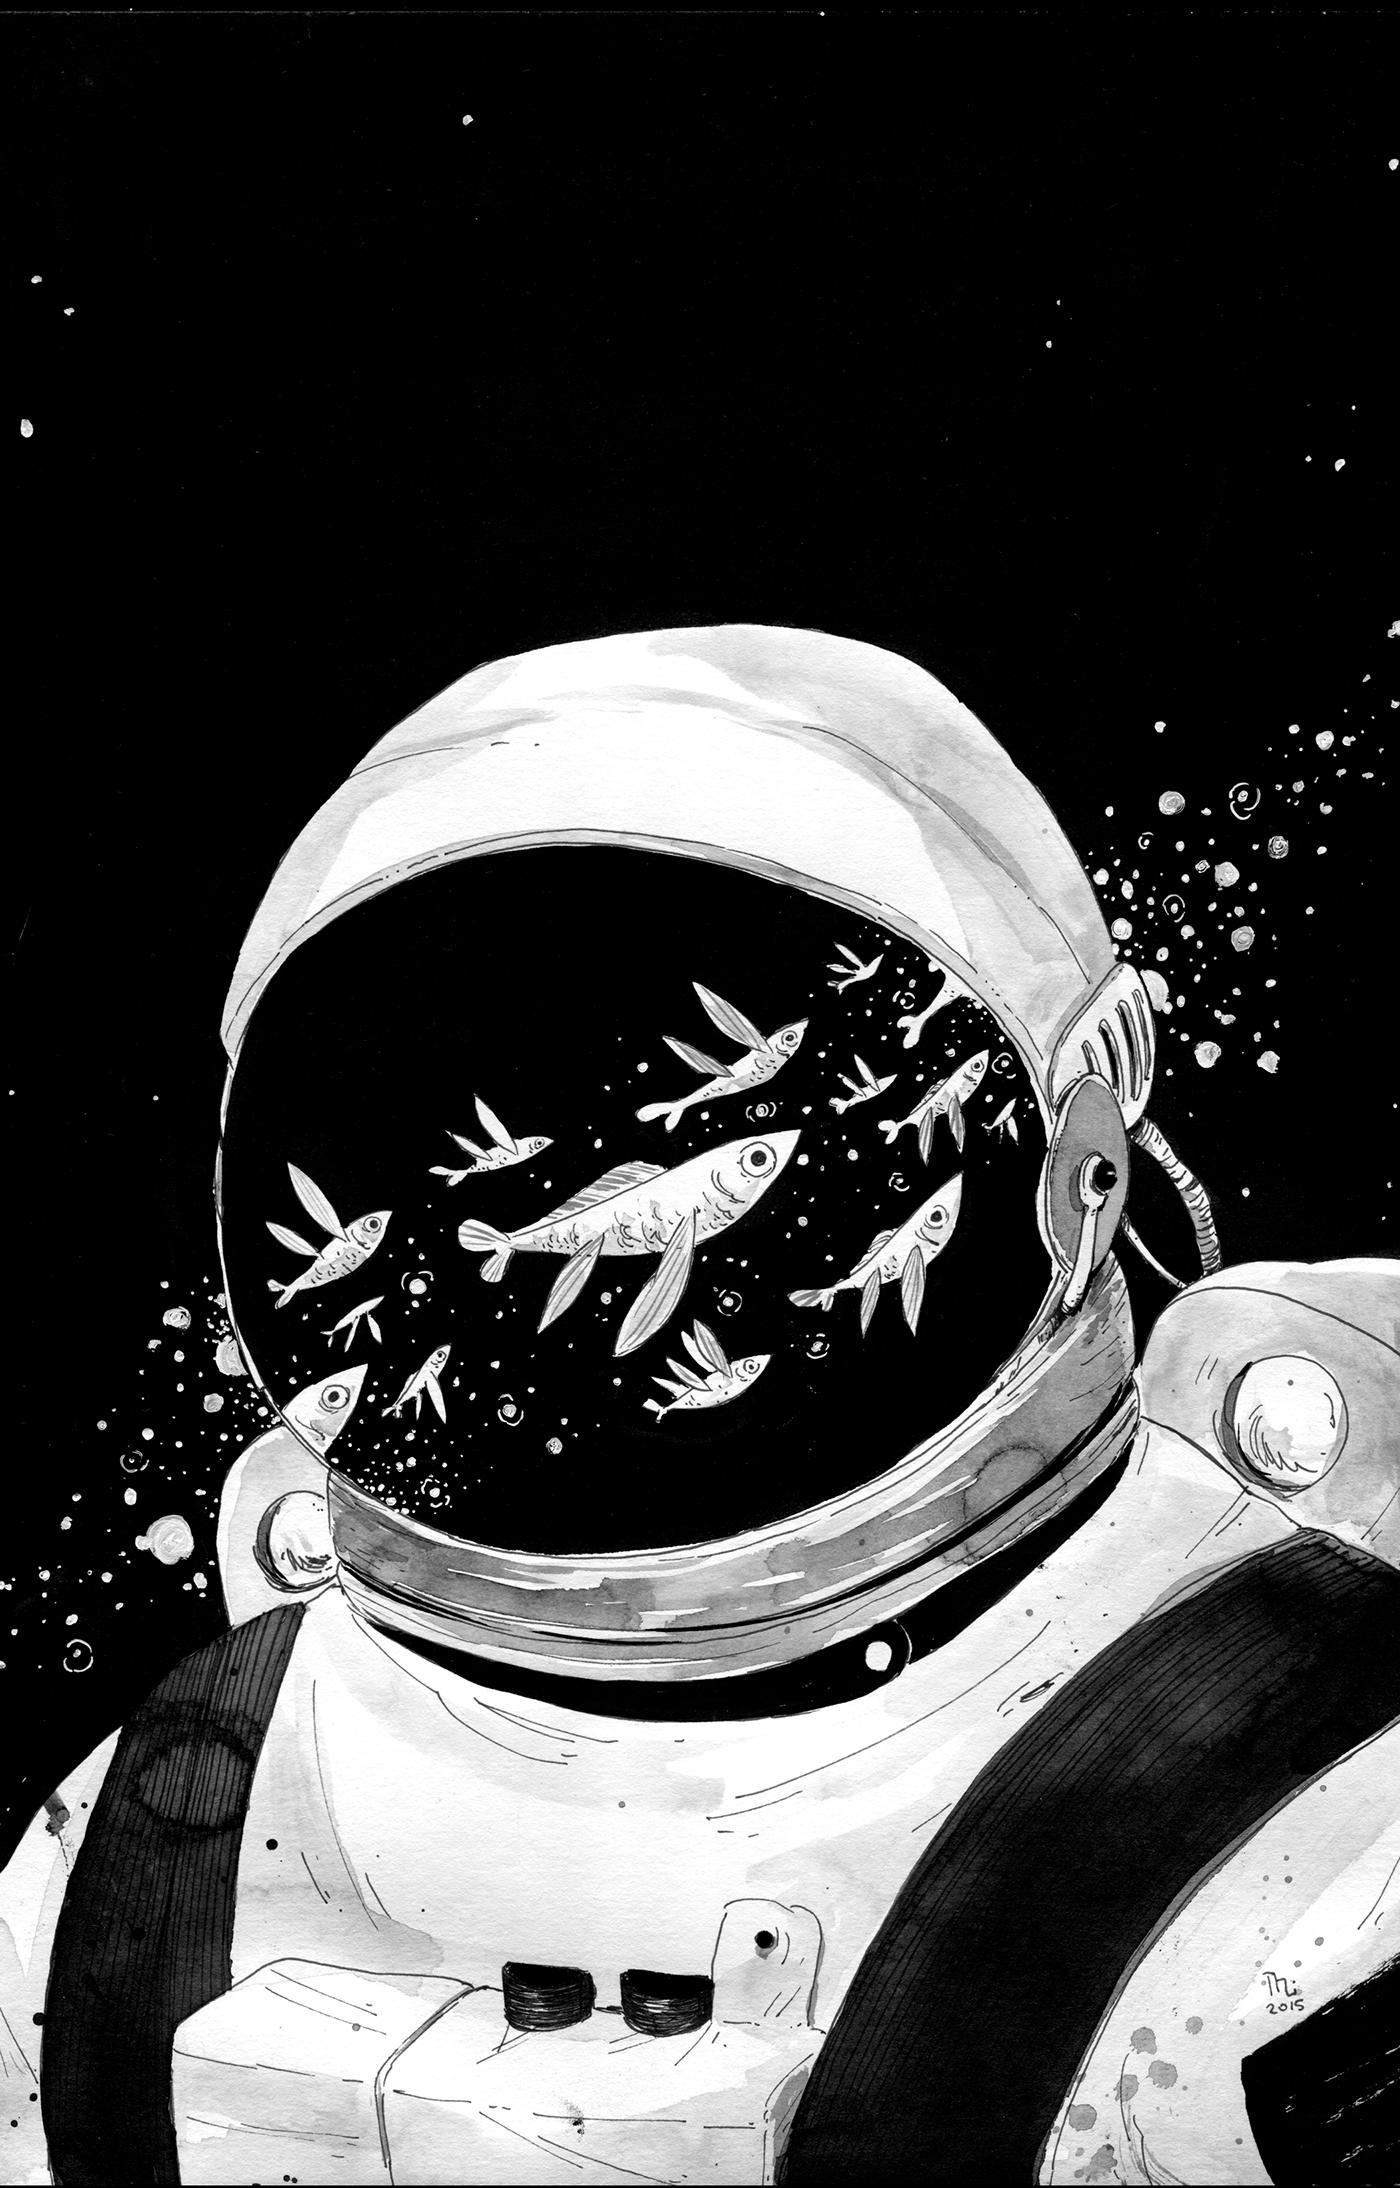 star space drawings - 900×900